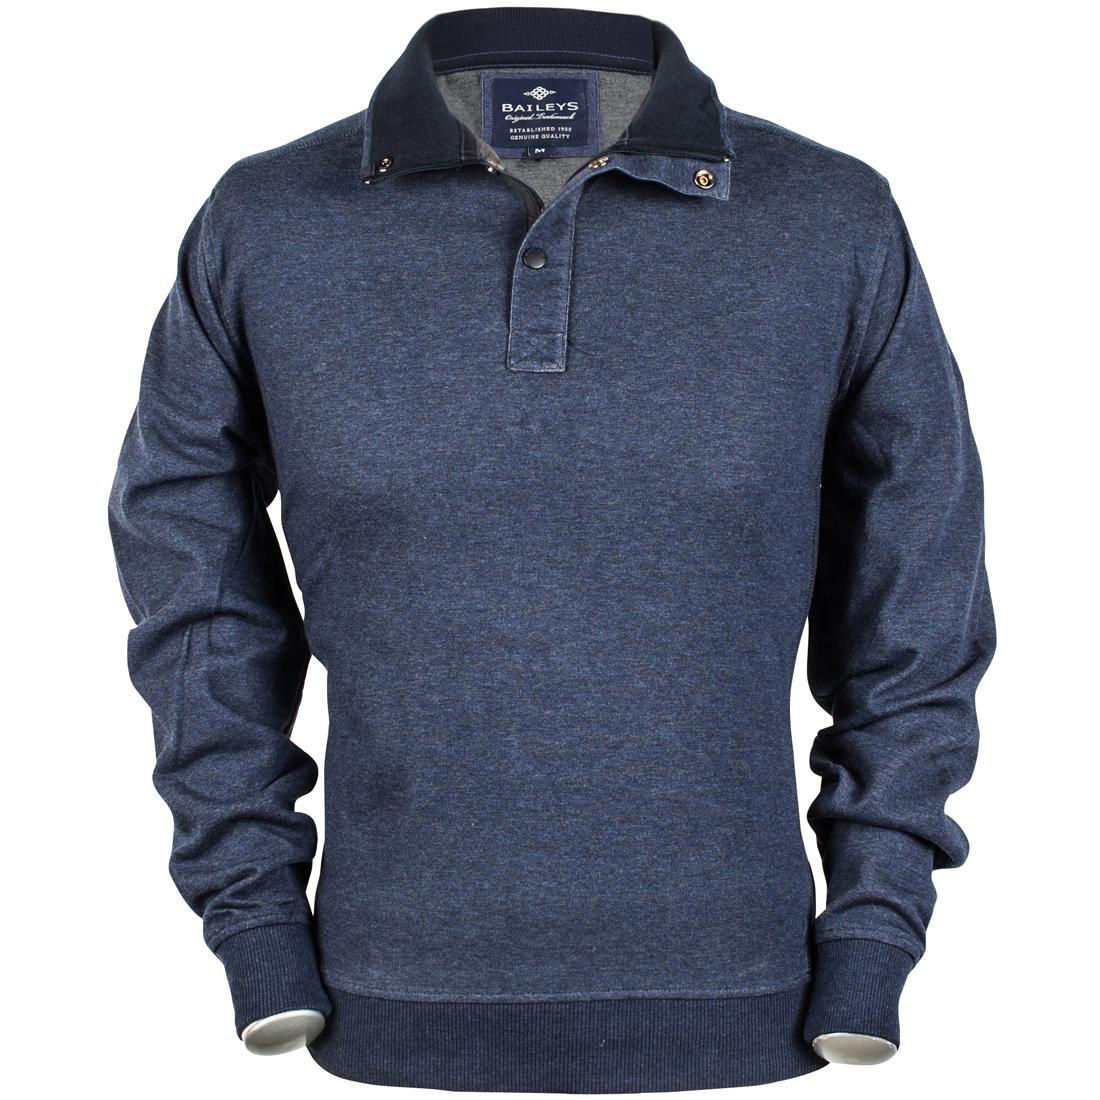 Smit Mode:  Baileys truien 823116 in het Denim